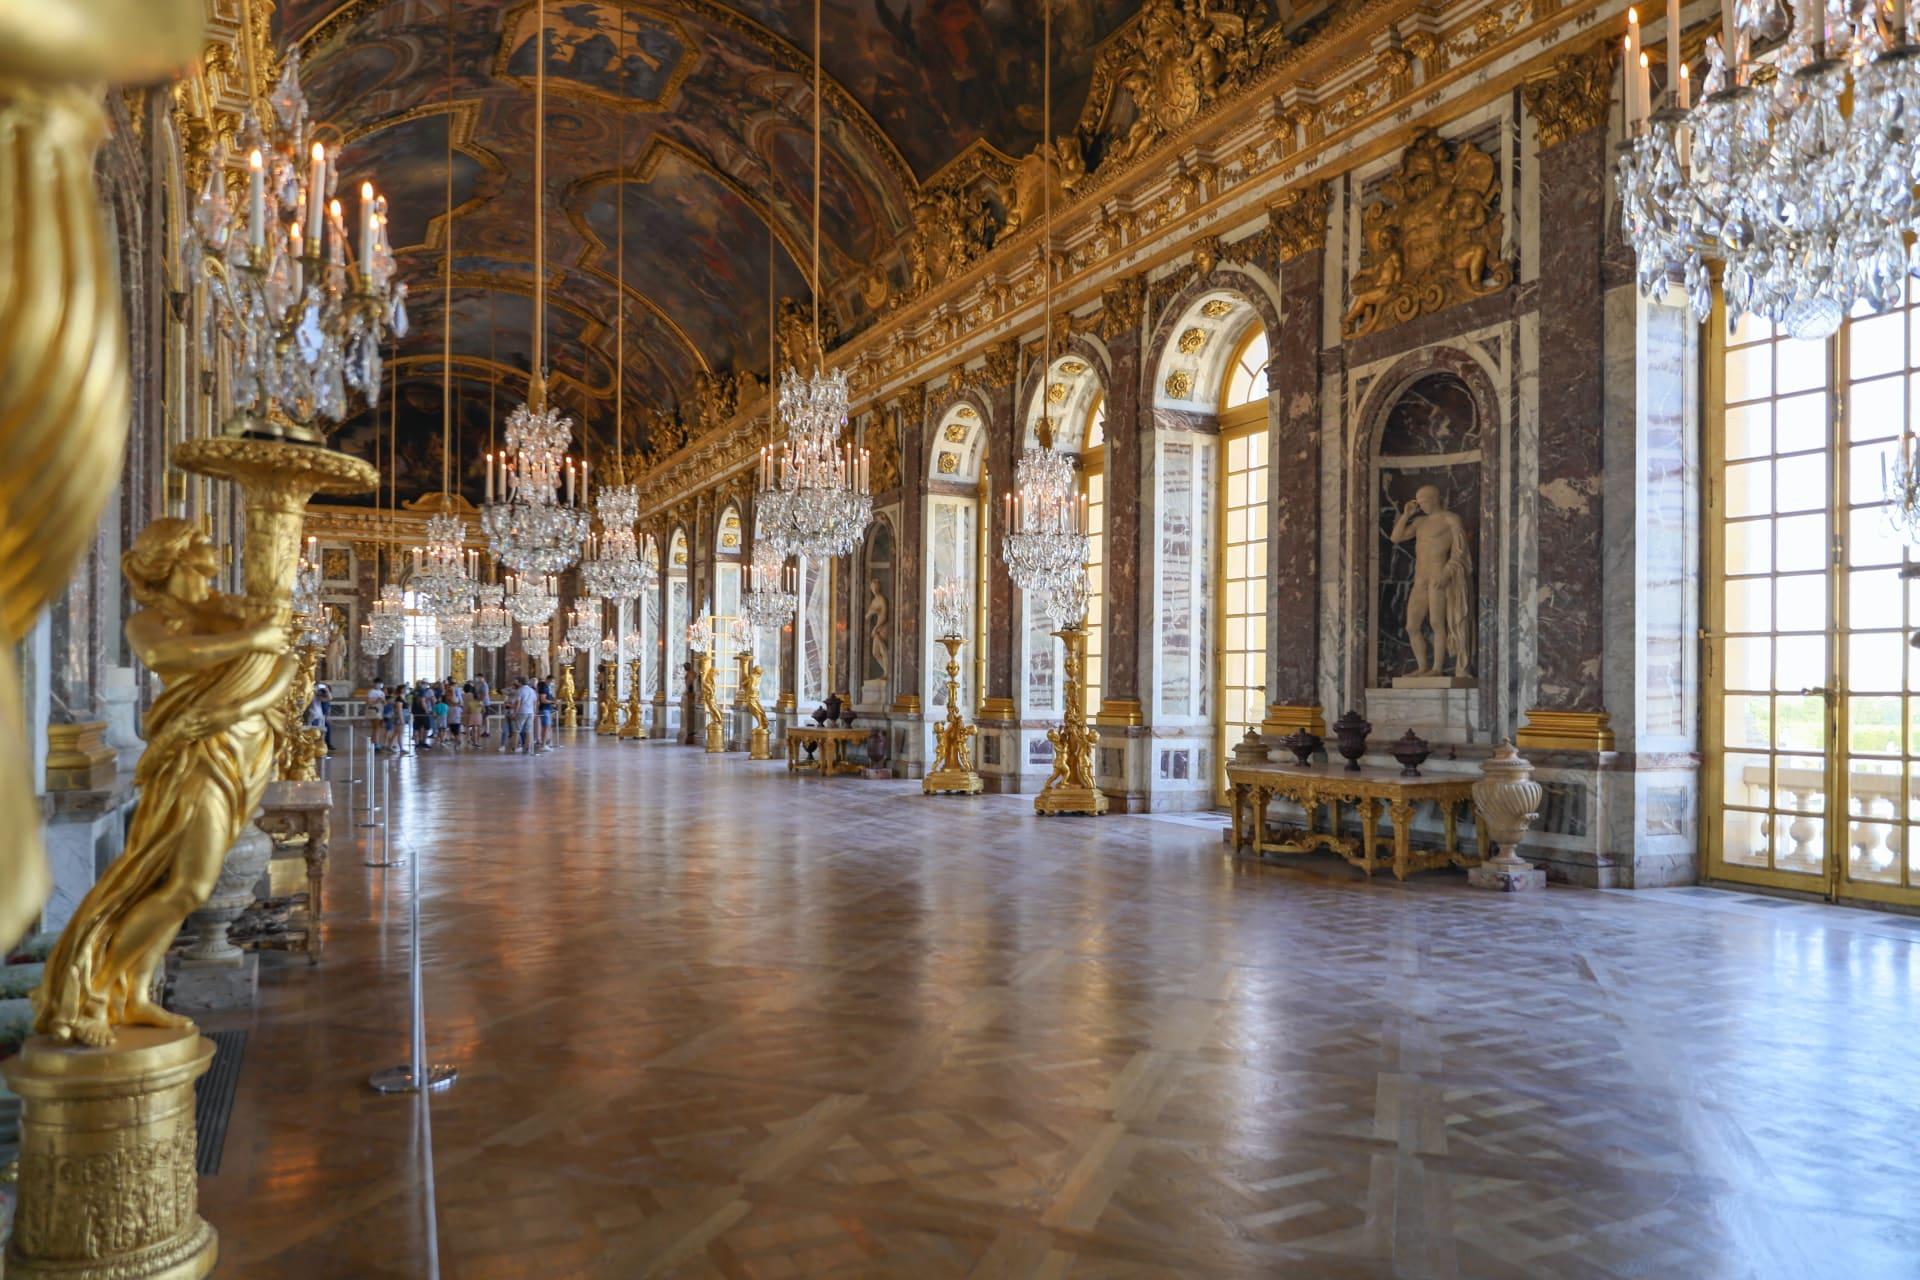 Paris - The Versailles Palace